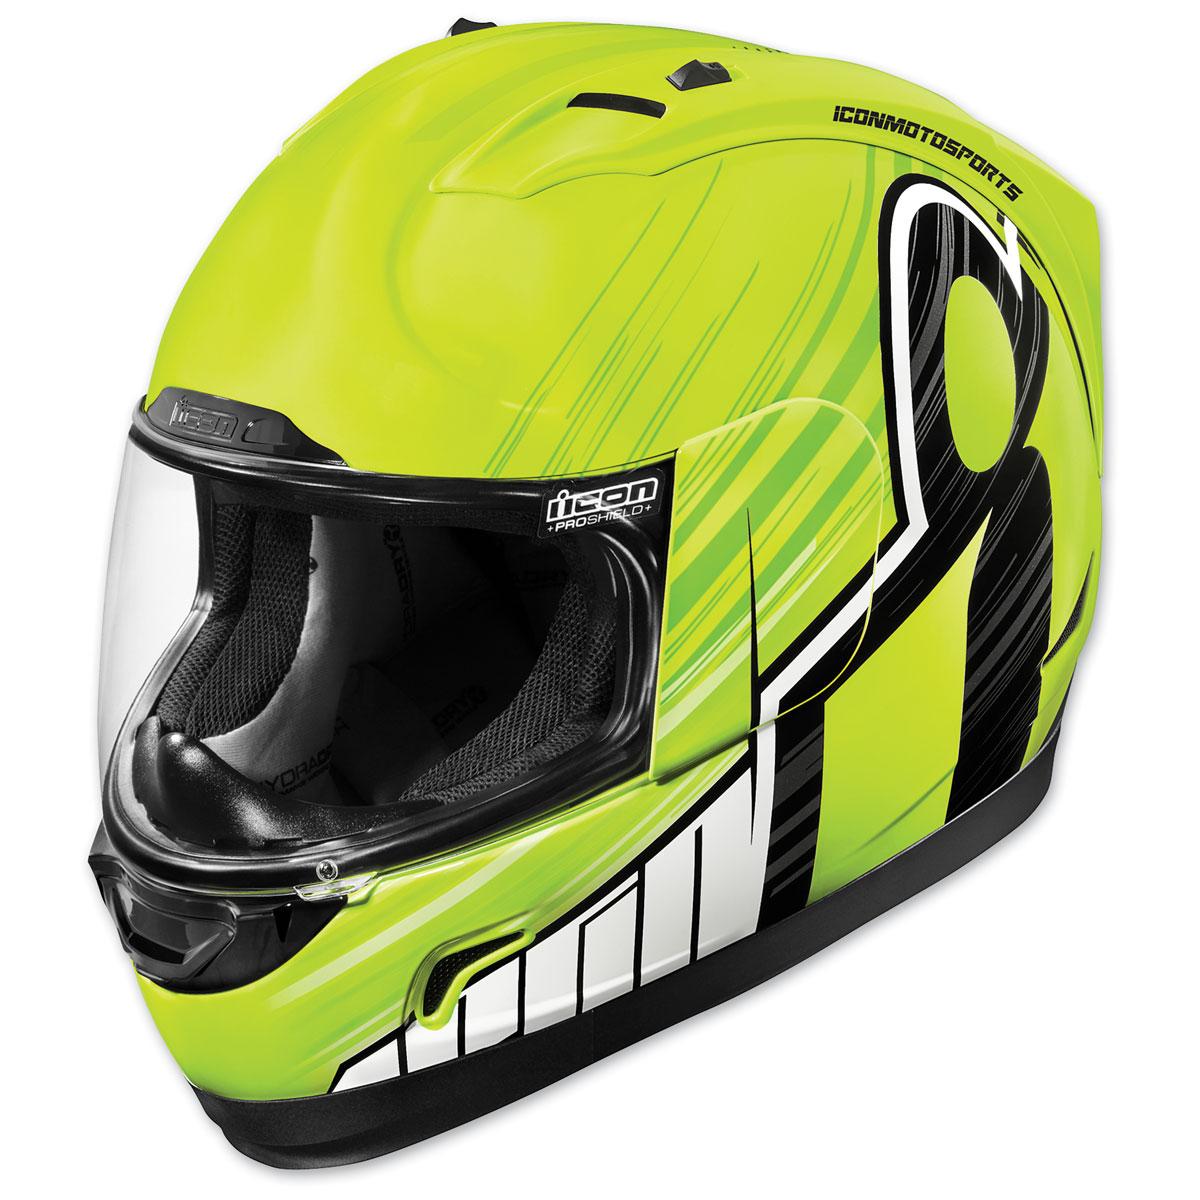 ICON Alliance Overlord Hi-Viz Full Face Helmet